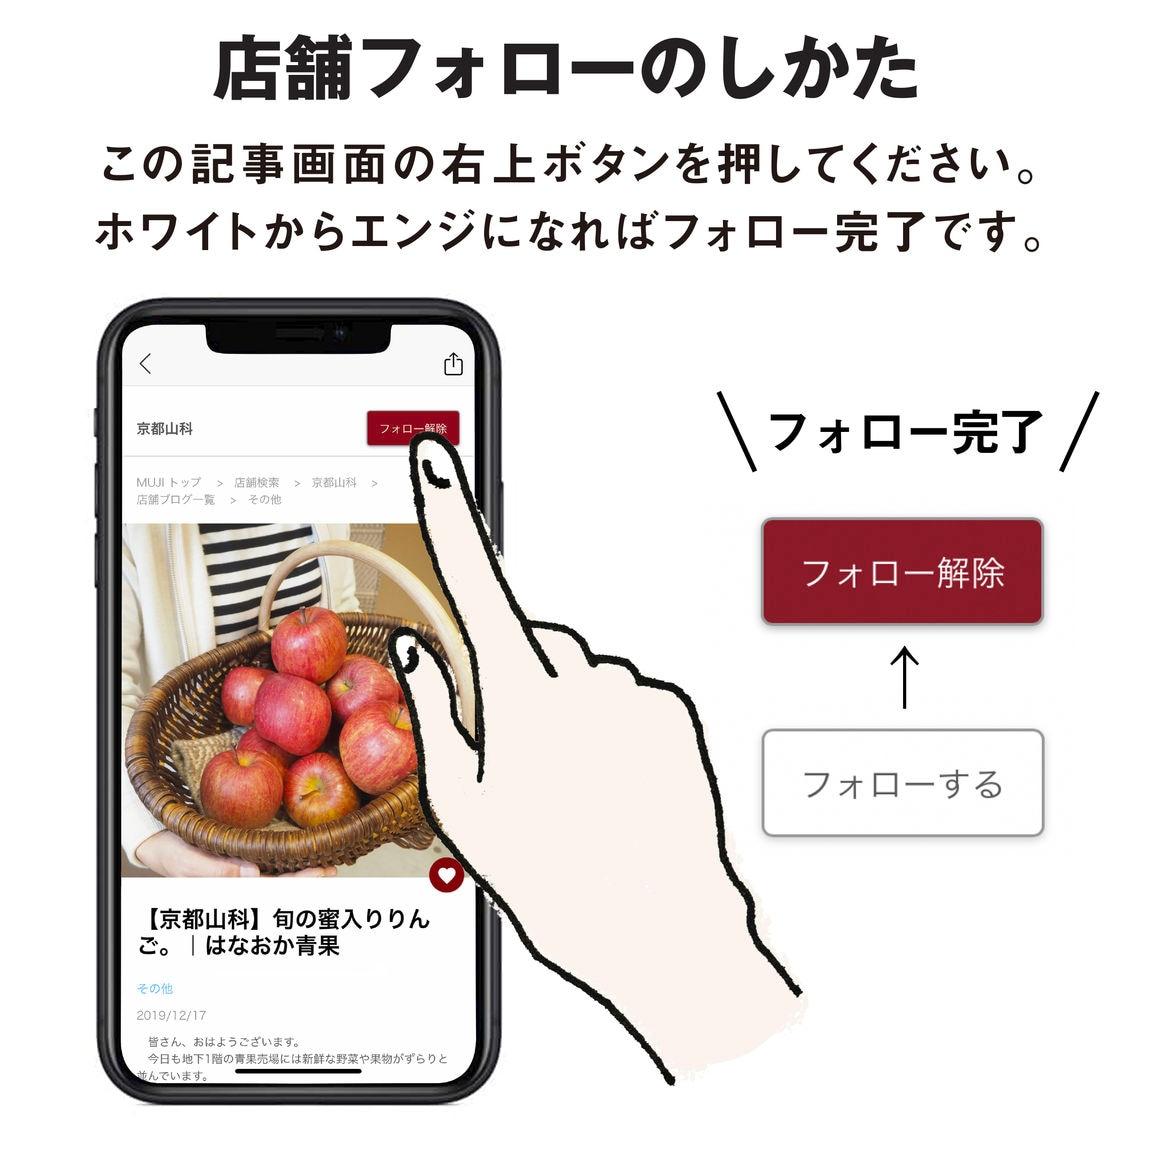 【京都山科】野菜で中華レシピ|いっしょにつくろう